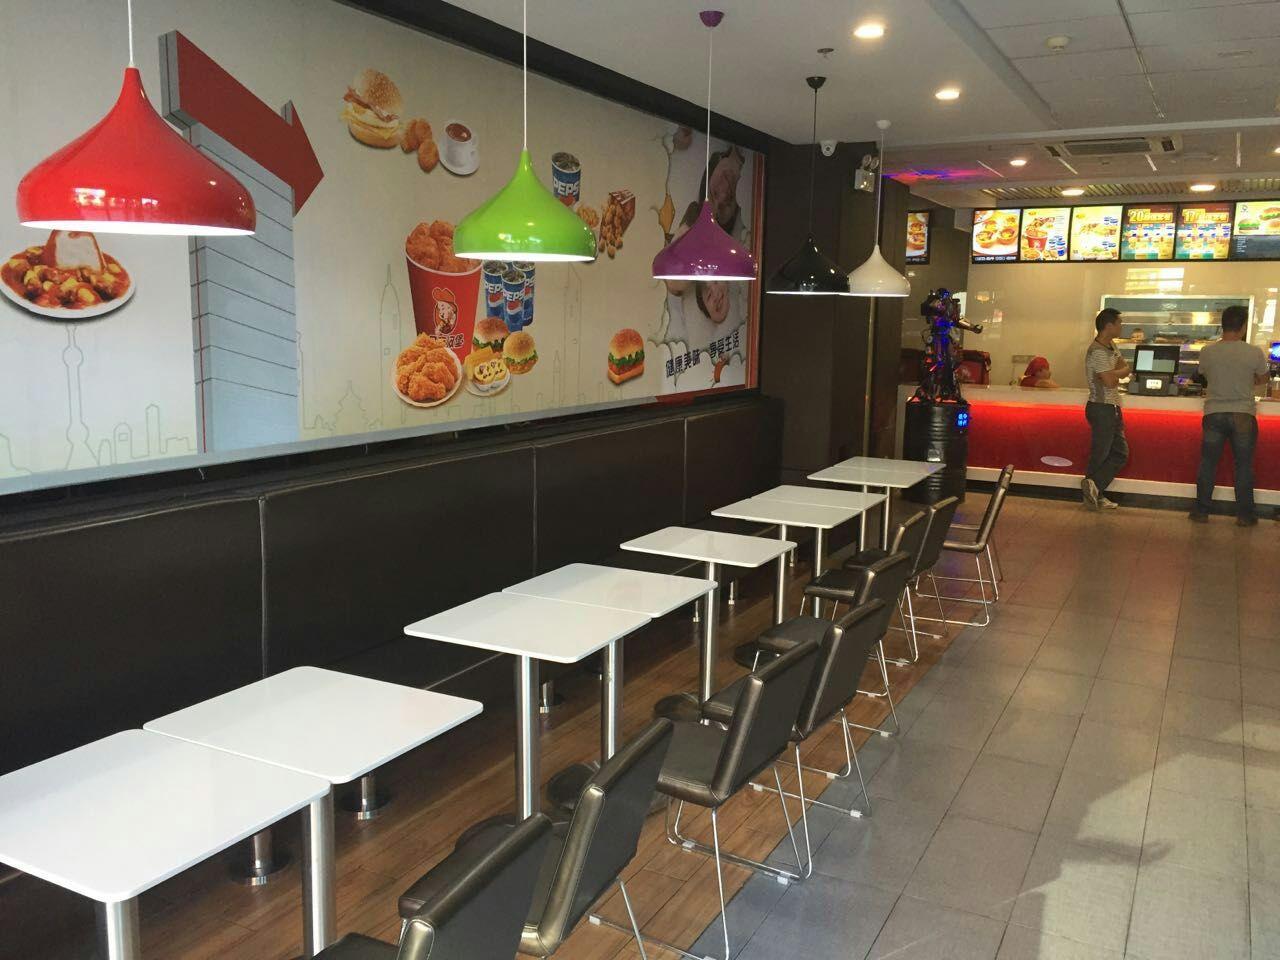 汉堡店面 装修实景图-室内设计师平台 -室内设计论坛